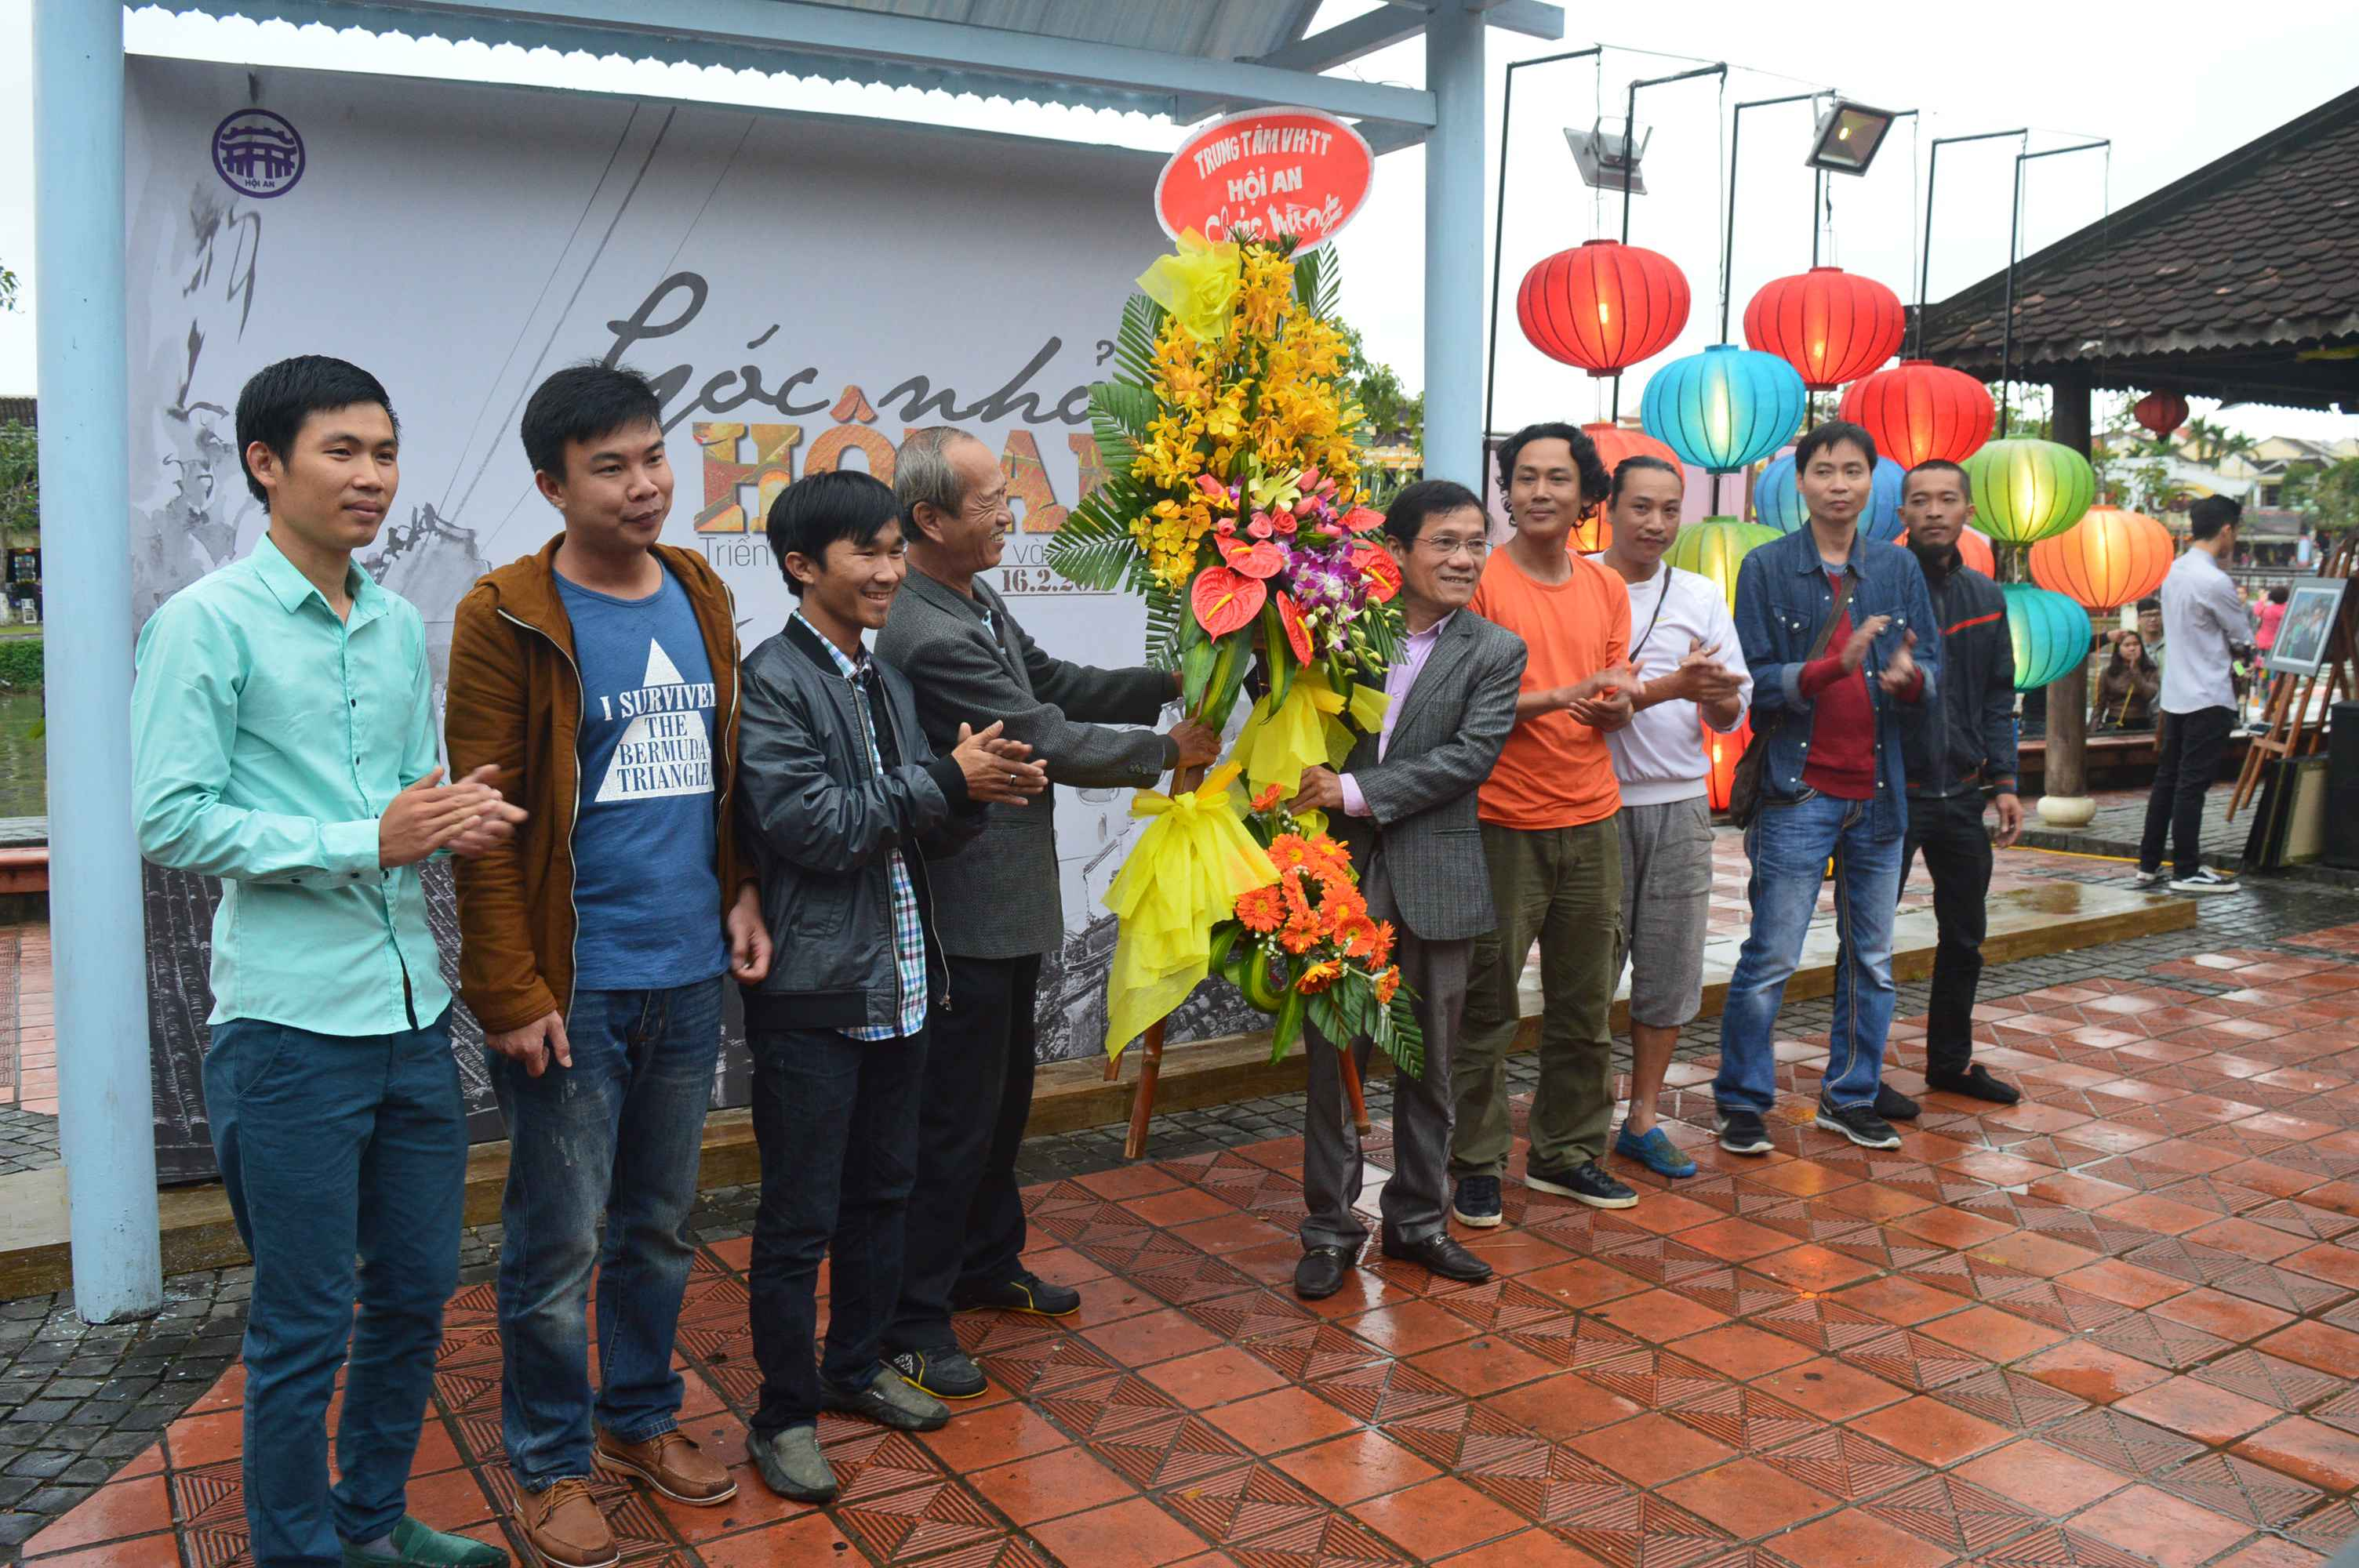 Phó trưởng phòng VH-TT Hội An tặng hoa chúc mừng các nghệ sĩ có tác phẩm trong triển lãm. Ảnh: Q.T